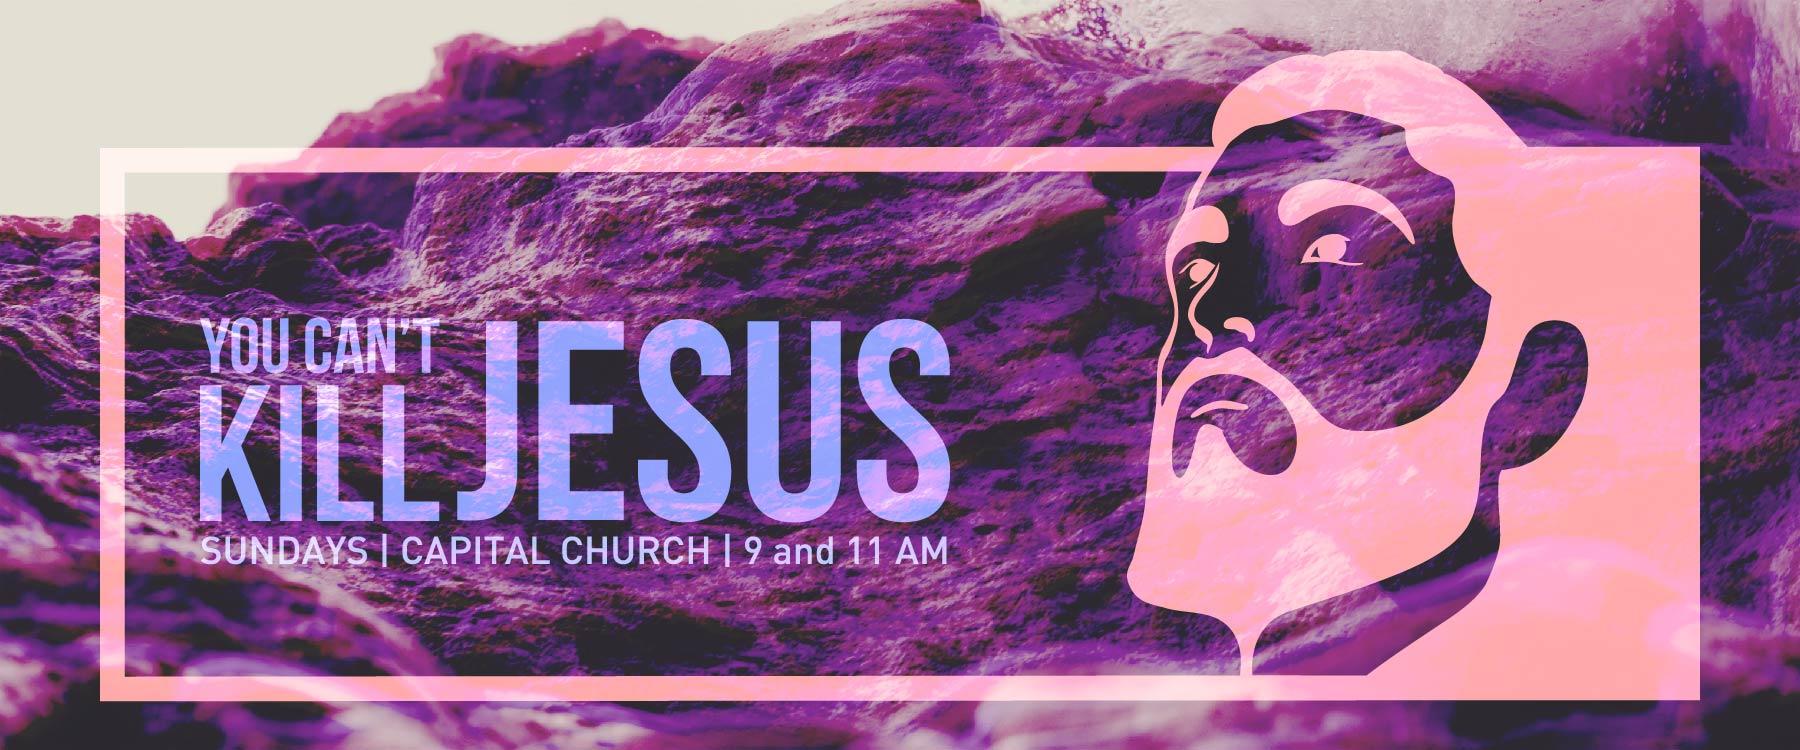 YCK-Jesus_Web_1800-750_A